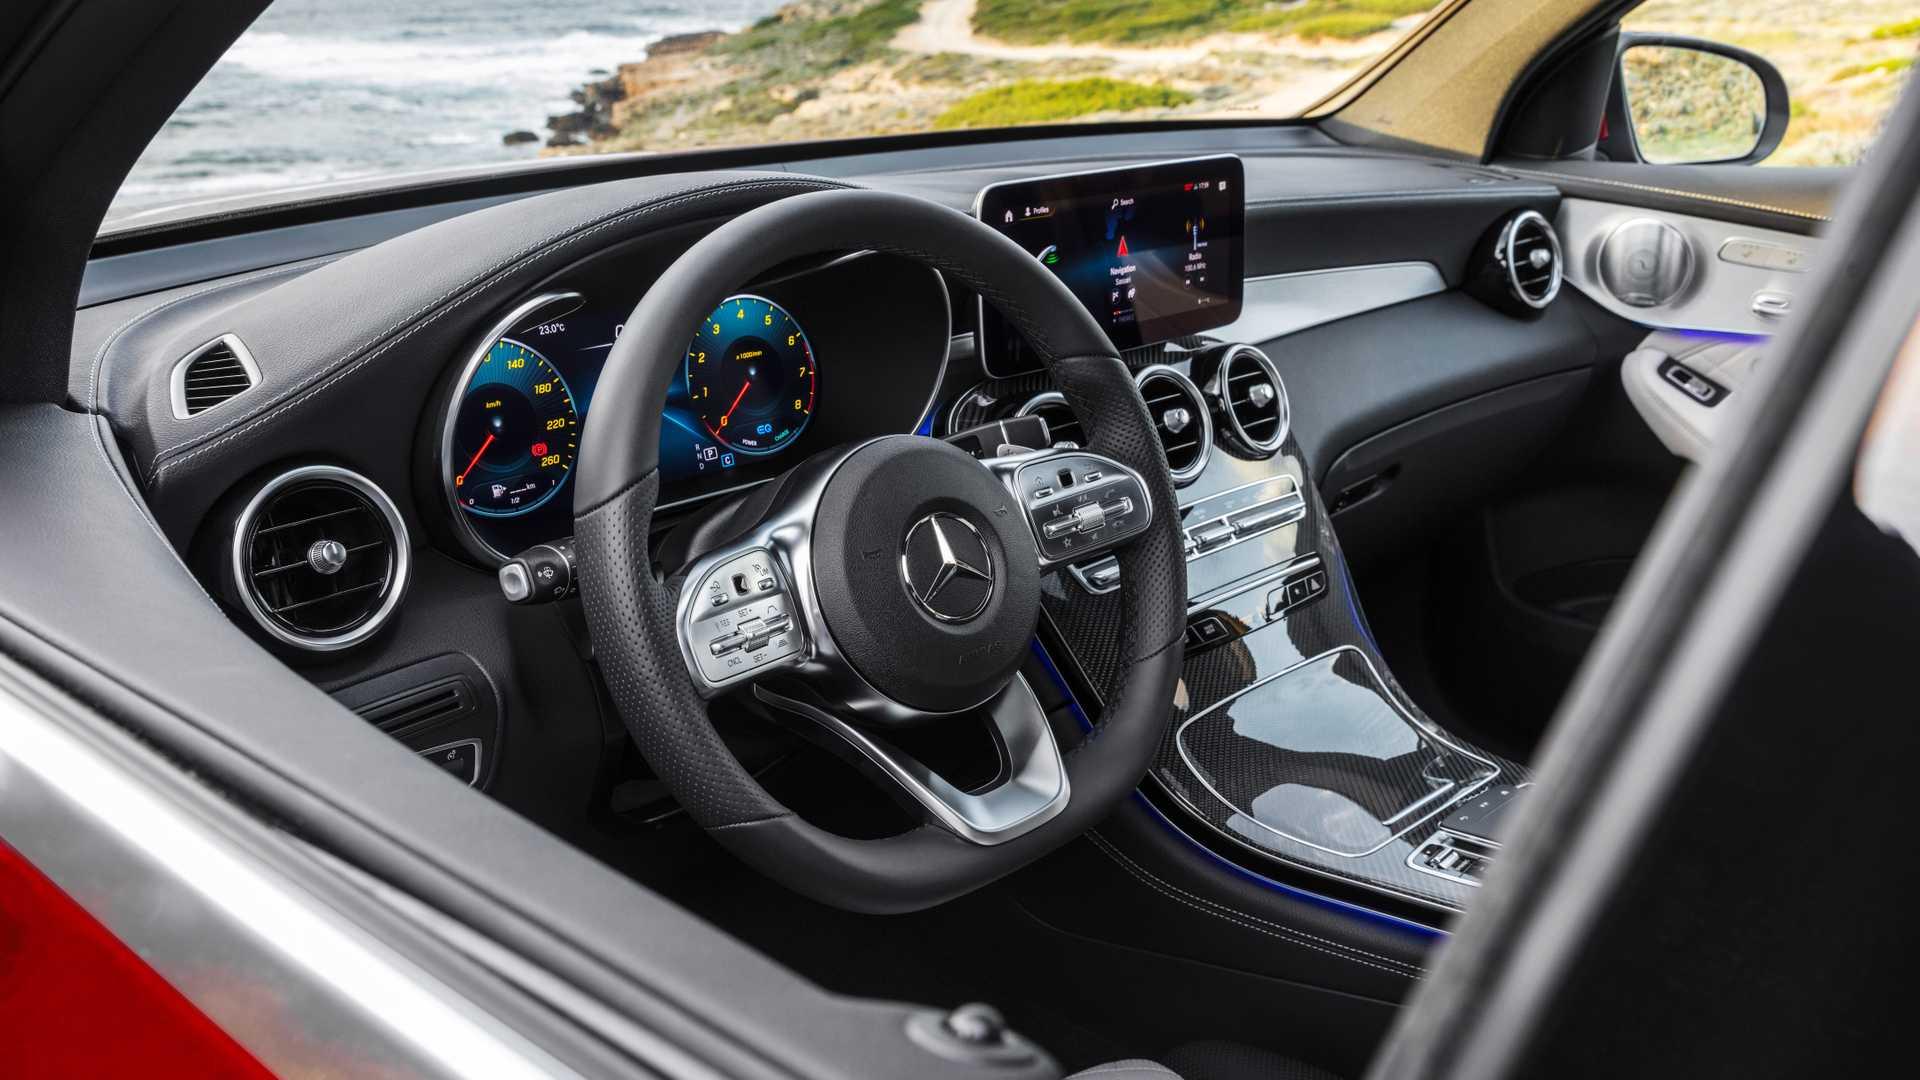 Mercedes Glc Coupe 2019 Interior 03